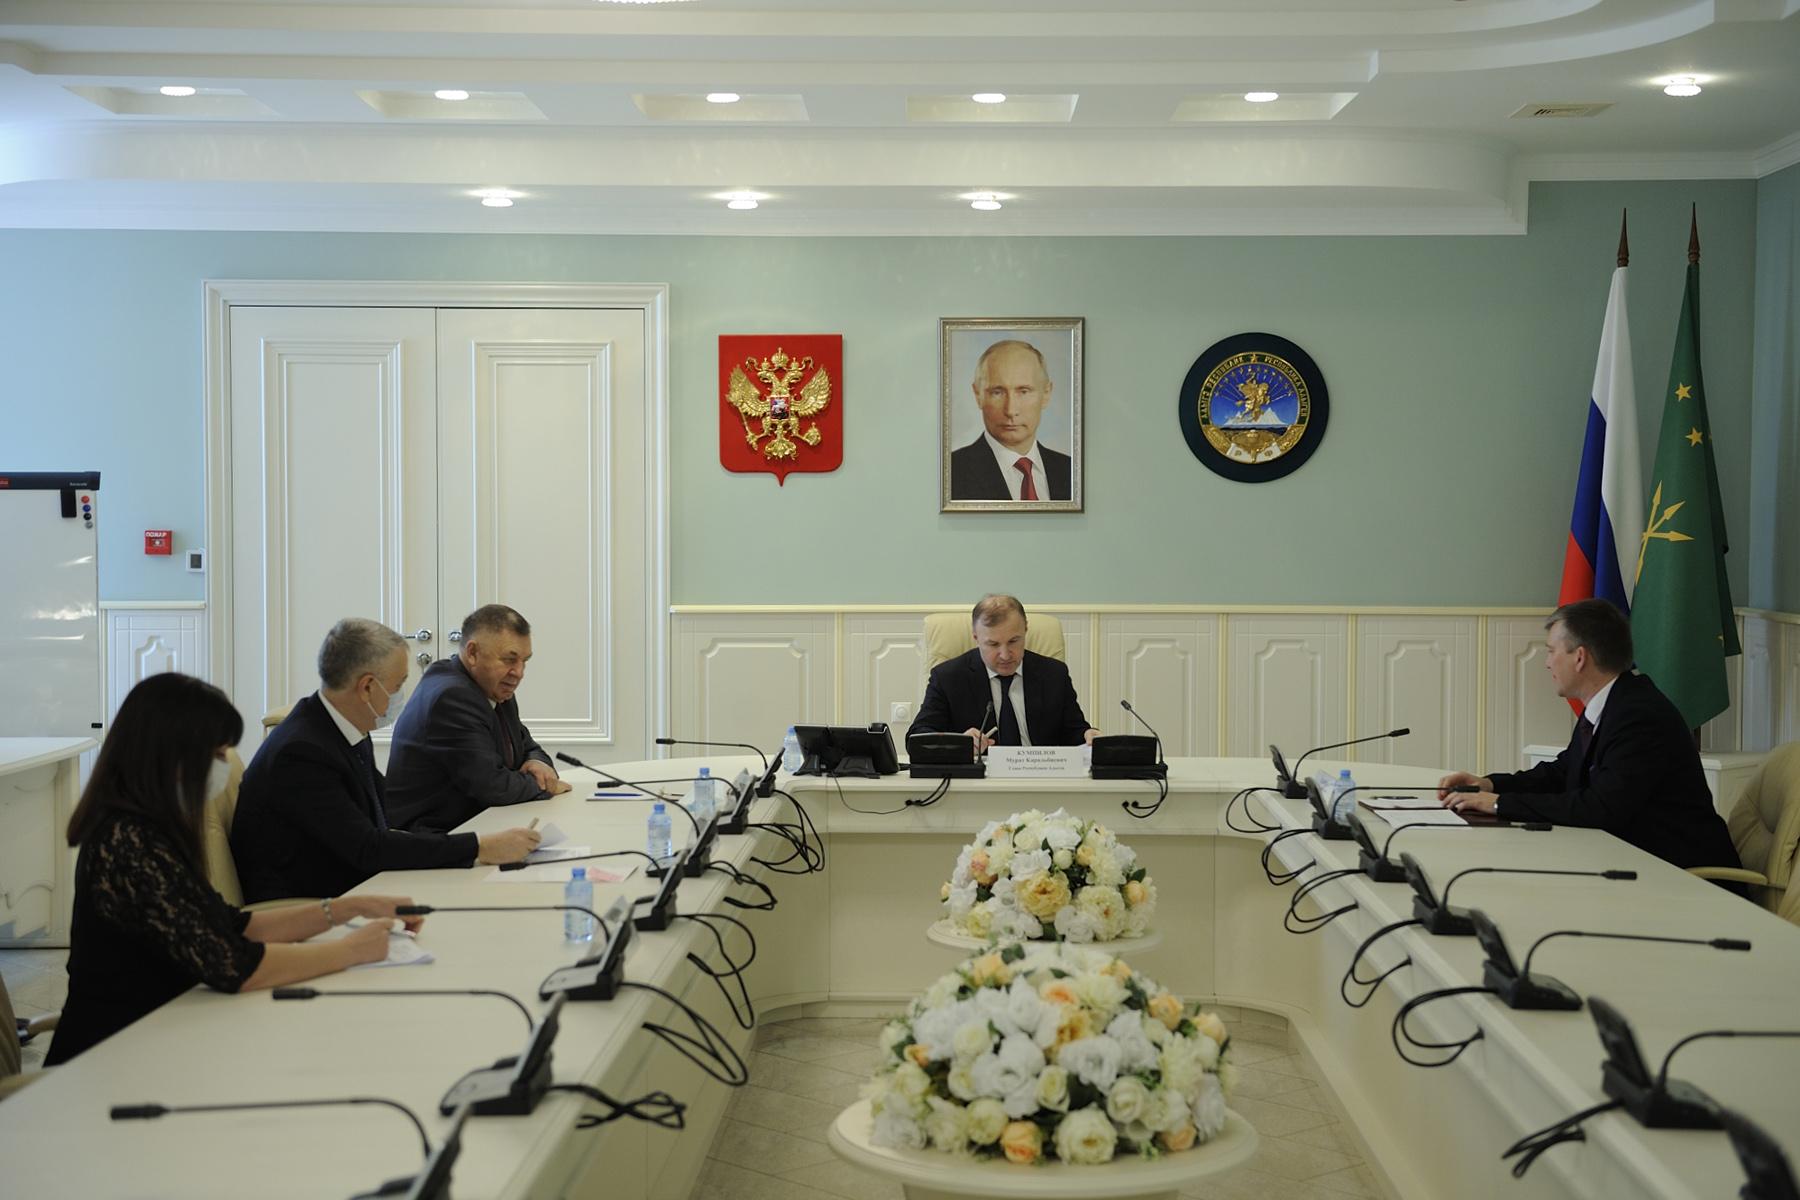 Адыгея вошла в ТОП-10 субъектов по открытости бюджетных данных в рейтинге Минфина РФ